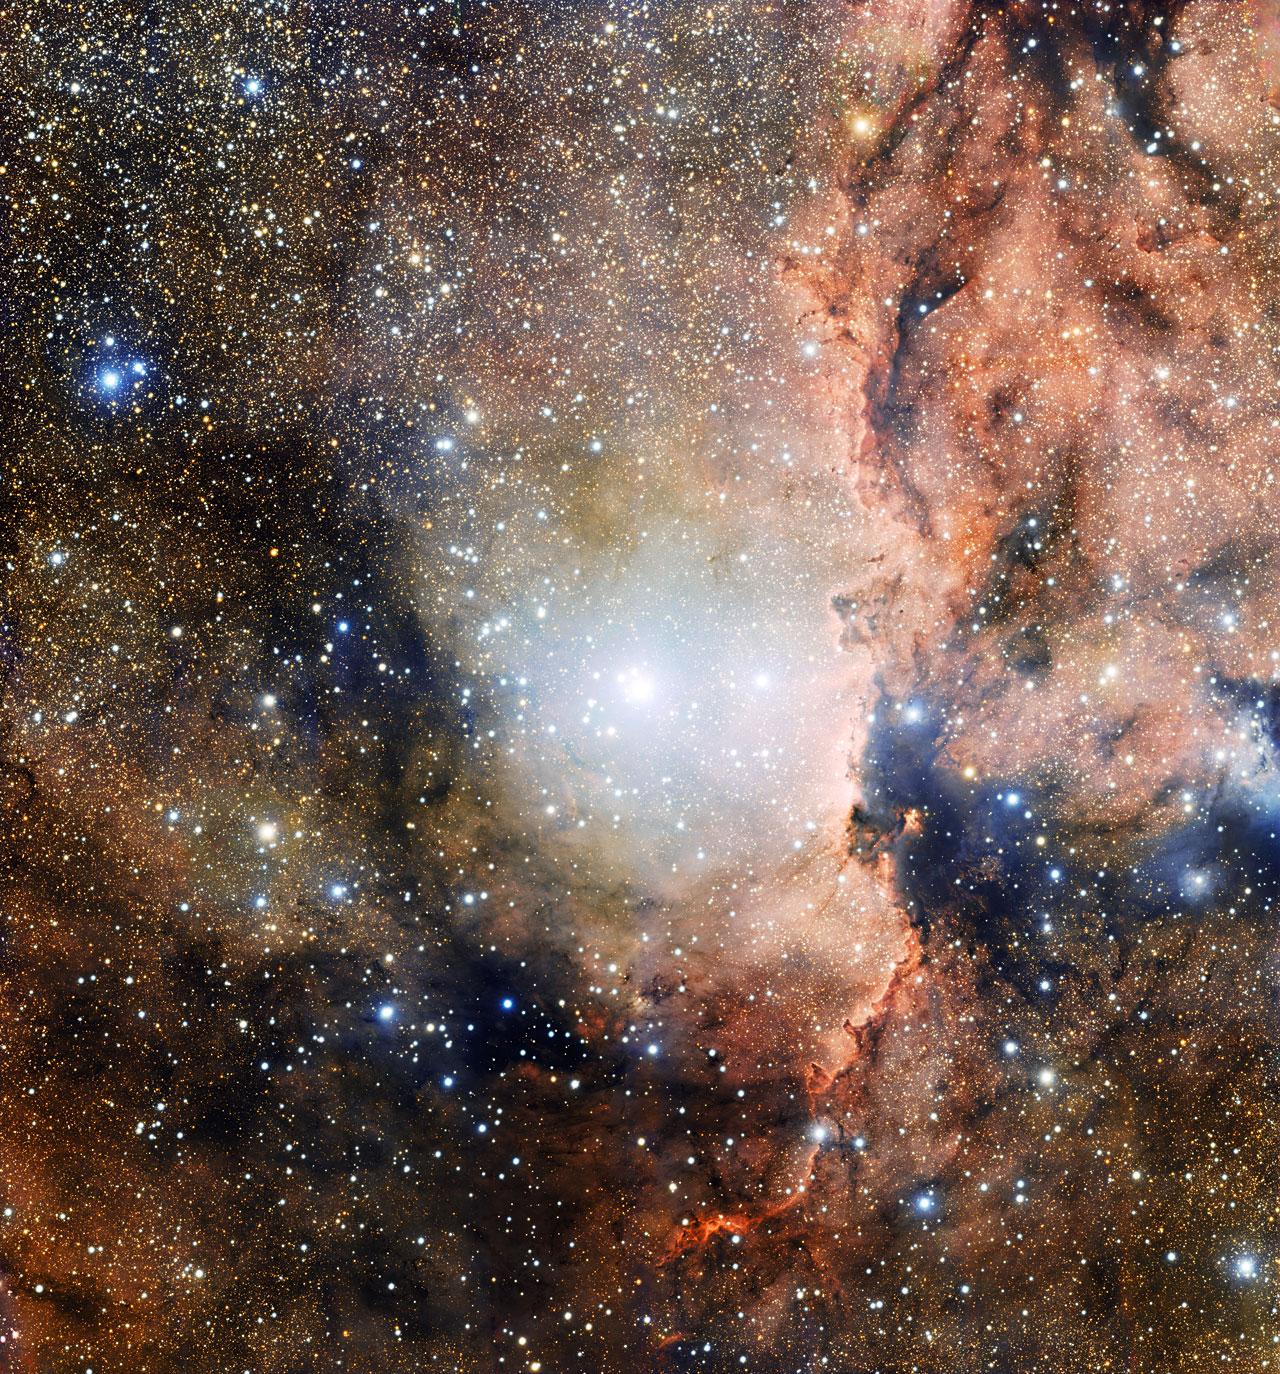 Questa immagine, presa con lo strumento OmegaCAM installato sul VST (VLT survey telescope) all'Osservatorio del Paranal, mostra una sezione dell'associazione stellare OB1 dell'Altare. Nel centro dell'immagine si vede il giovane ammasso aperto NGC 6193, mentre sulla destra la nebulosa a emissione NGC 6188, illluminata dalla radiazione ionizzante emessa dalle vicine stelle brillanti. Crediti: ESO